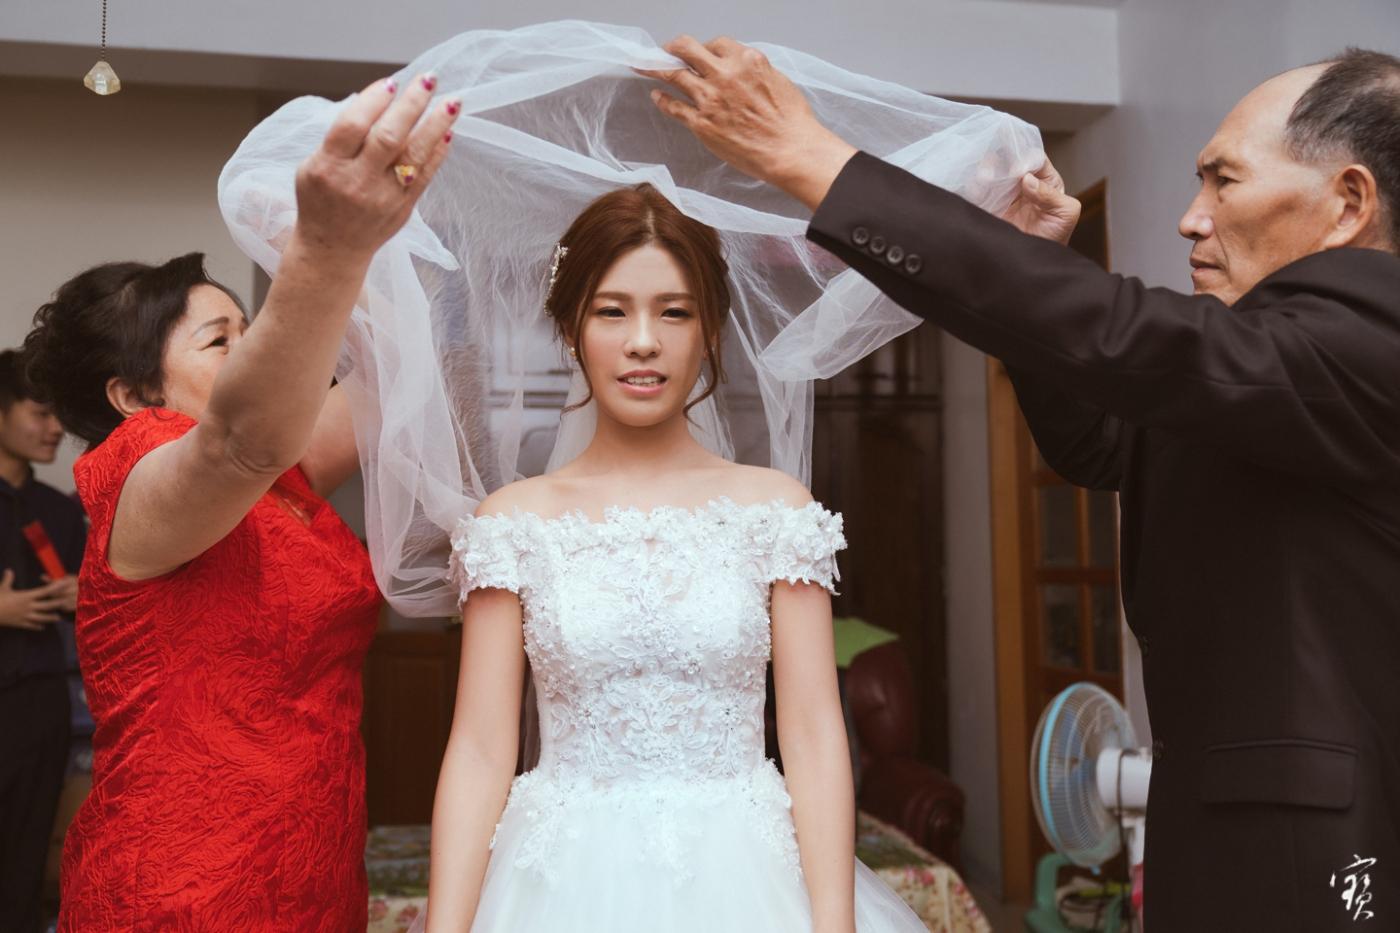 婚禮攝影 新竹彭園 冬伴影像 攝影師大寶 婚紗攝影 新娘新郎 早儀午宴20181125-101